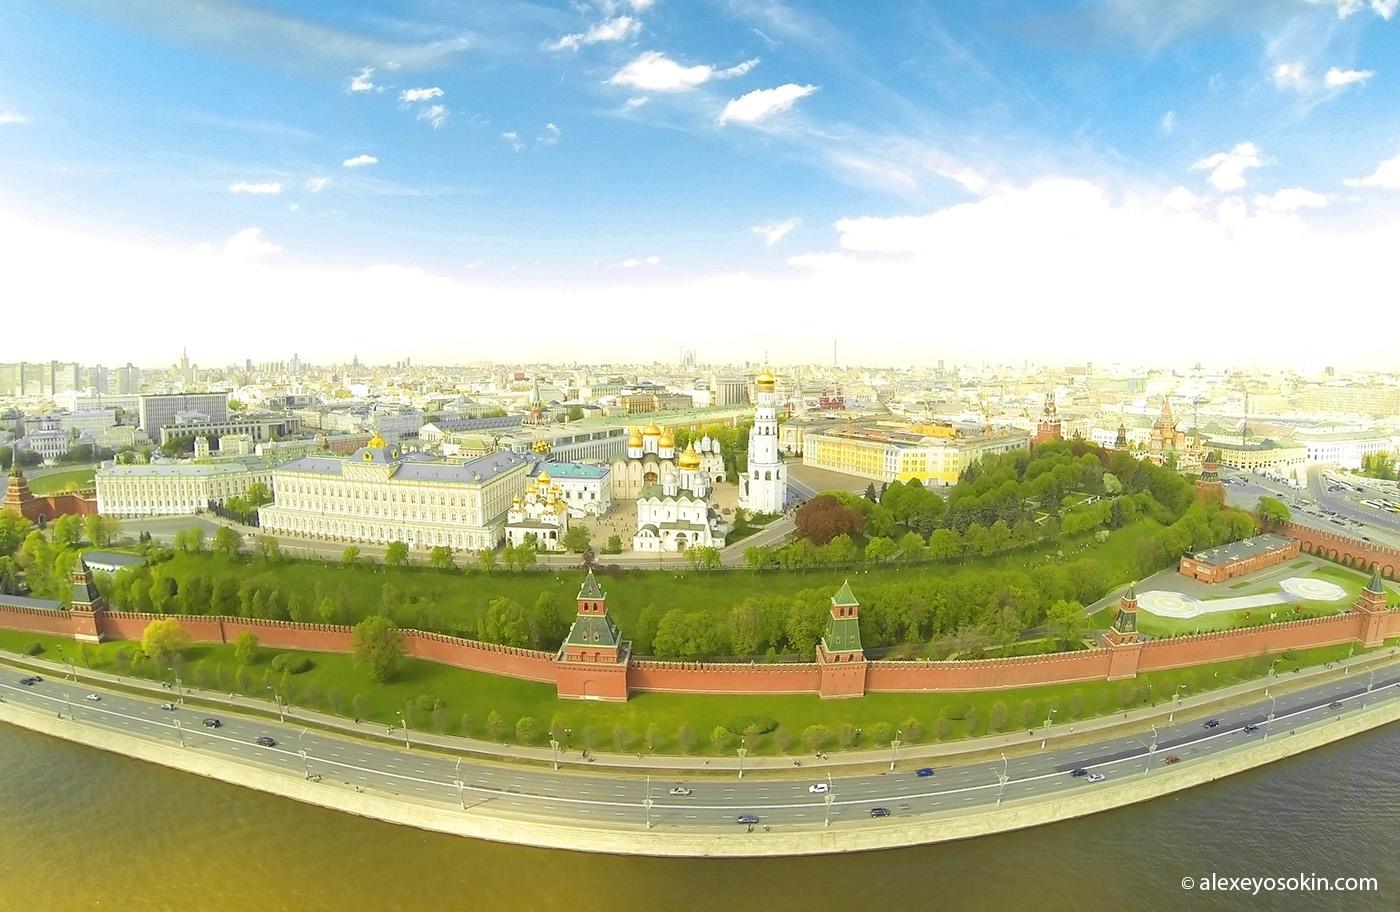 kremlin_aerial_1_ao